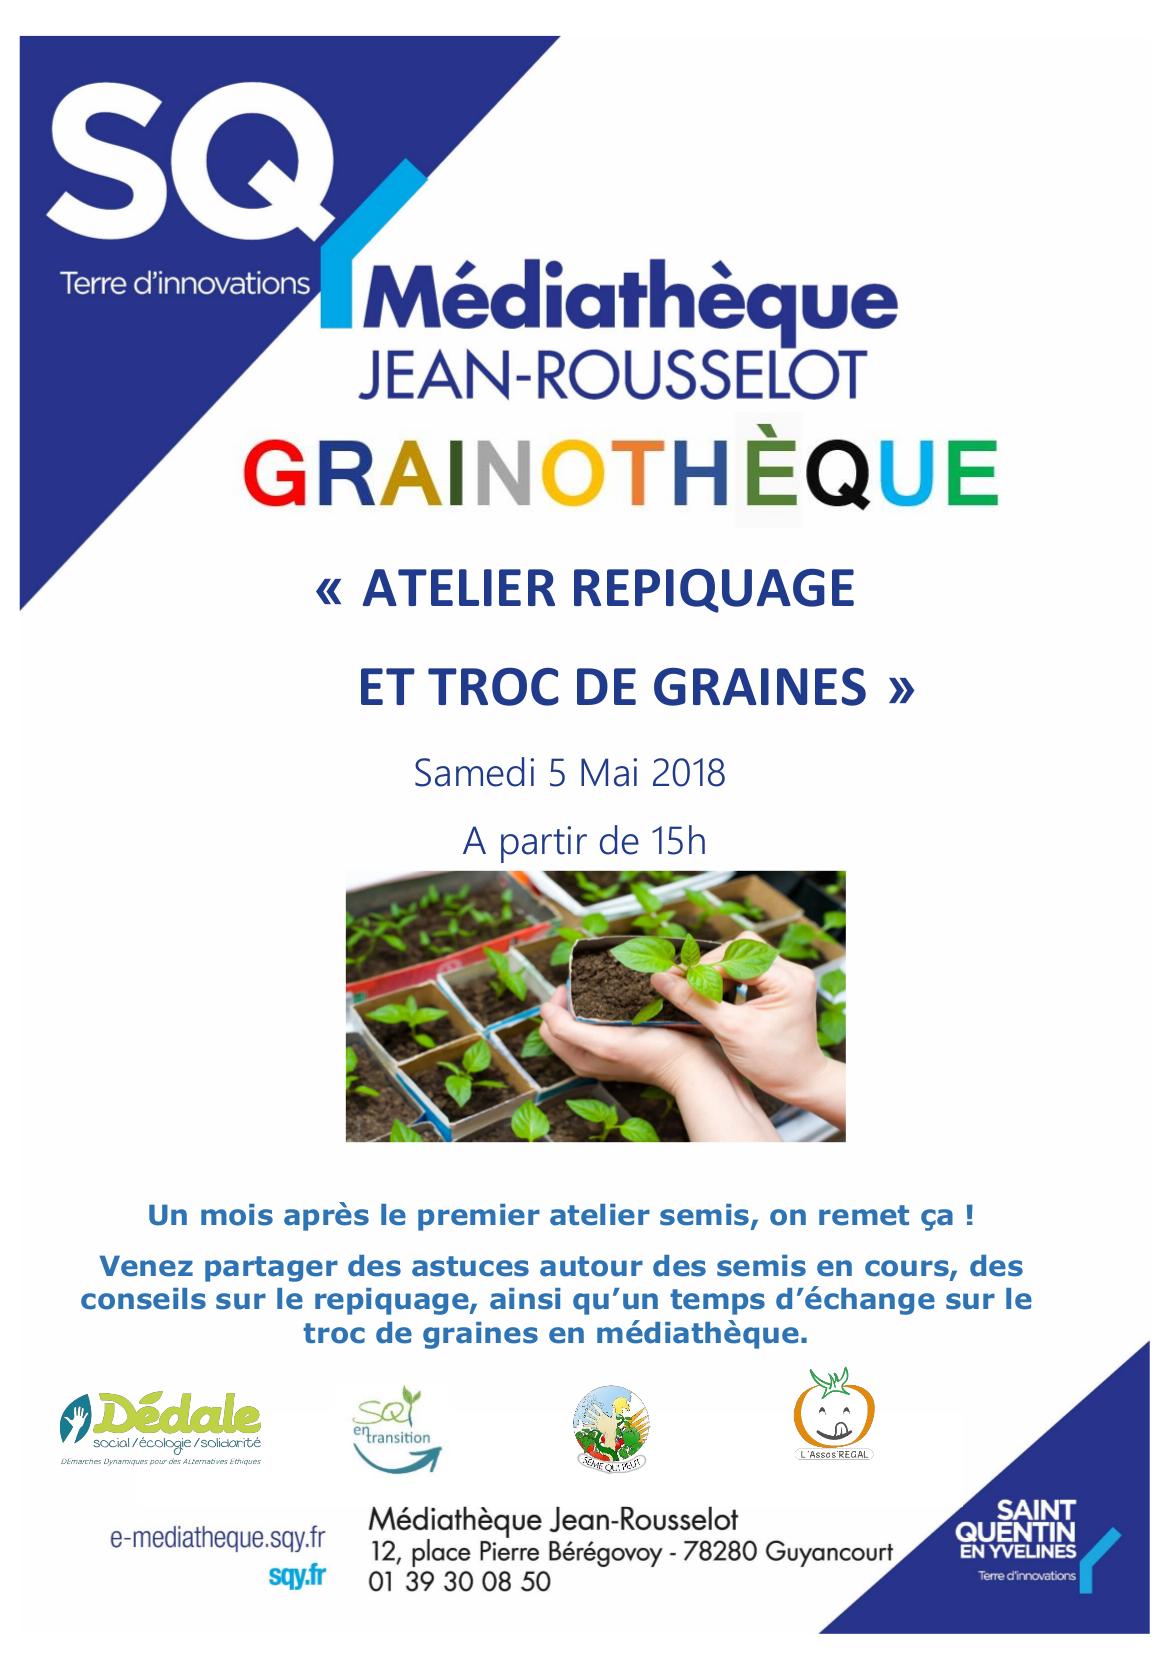 Samedi 5 mai à Guyancourt : Atelier de repiquage et de troc de graines 🗓 🗺